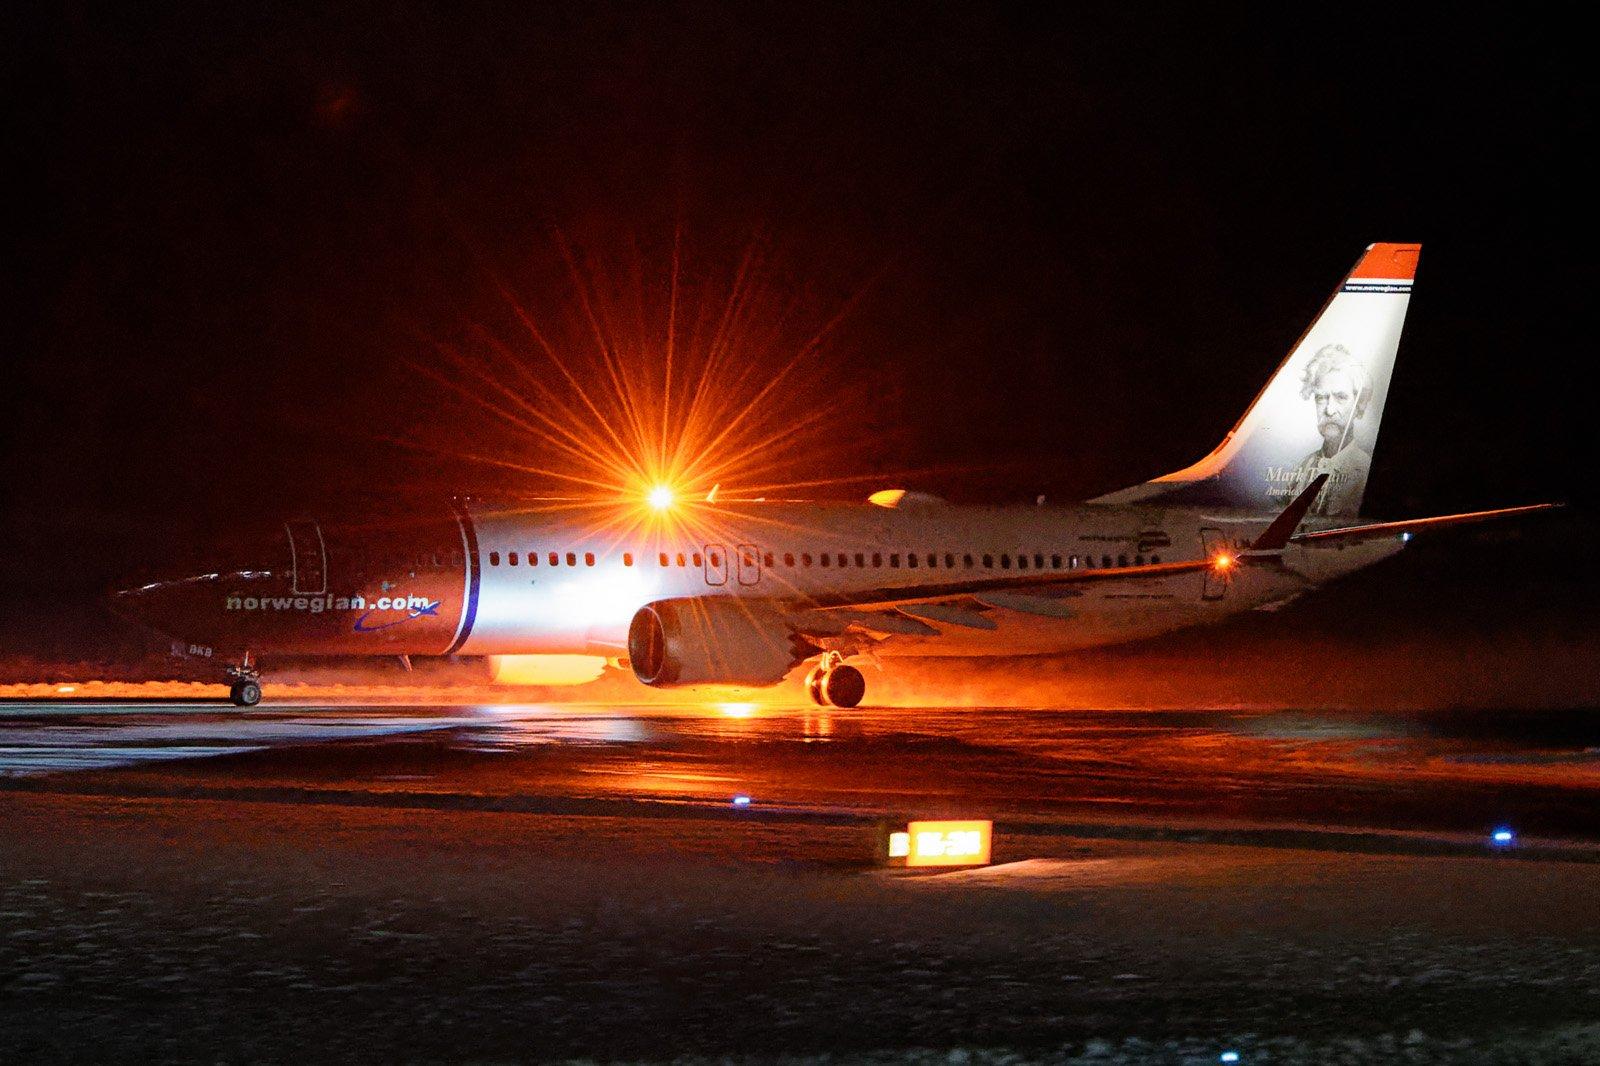 Ensimmäinen Norwegianin Boeing 737 MAX 8 Pohjanmaalla (ilmeisesti muutenkin)